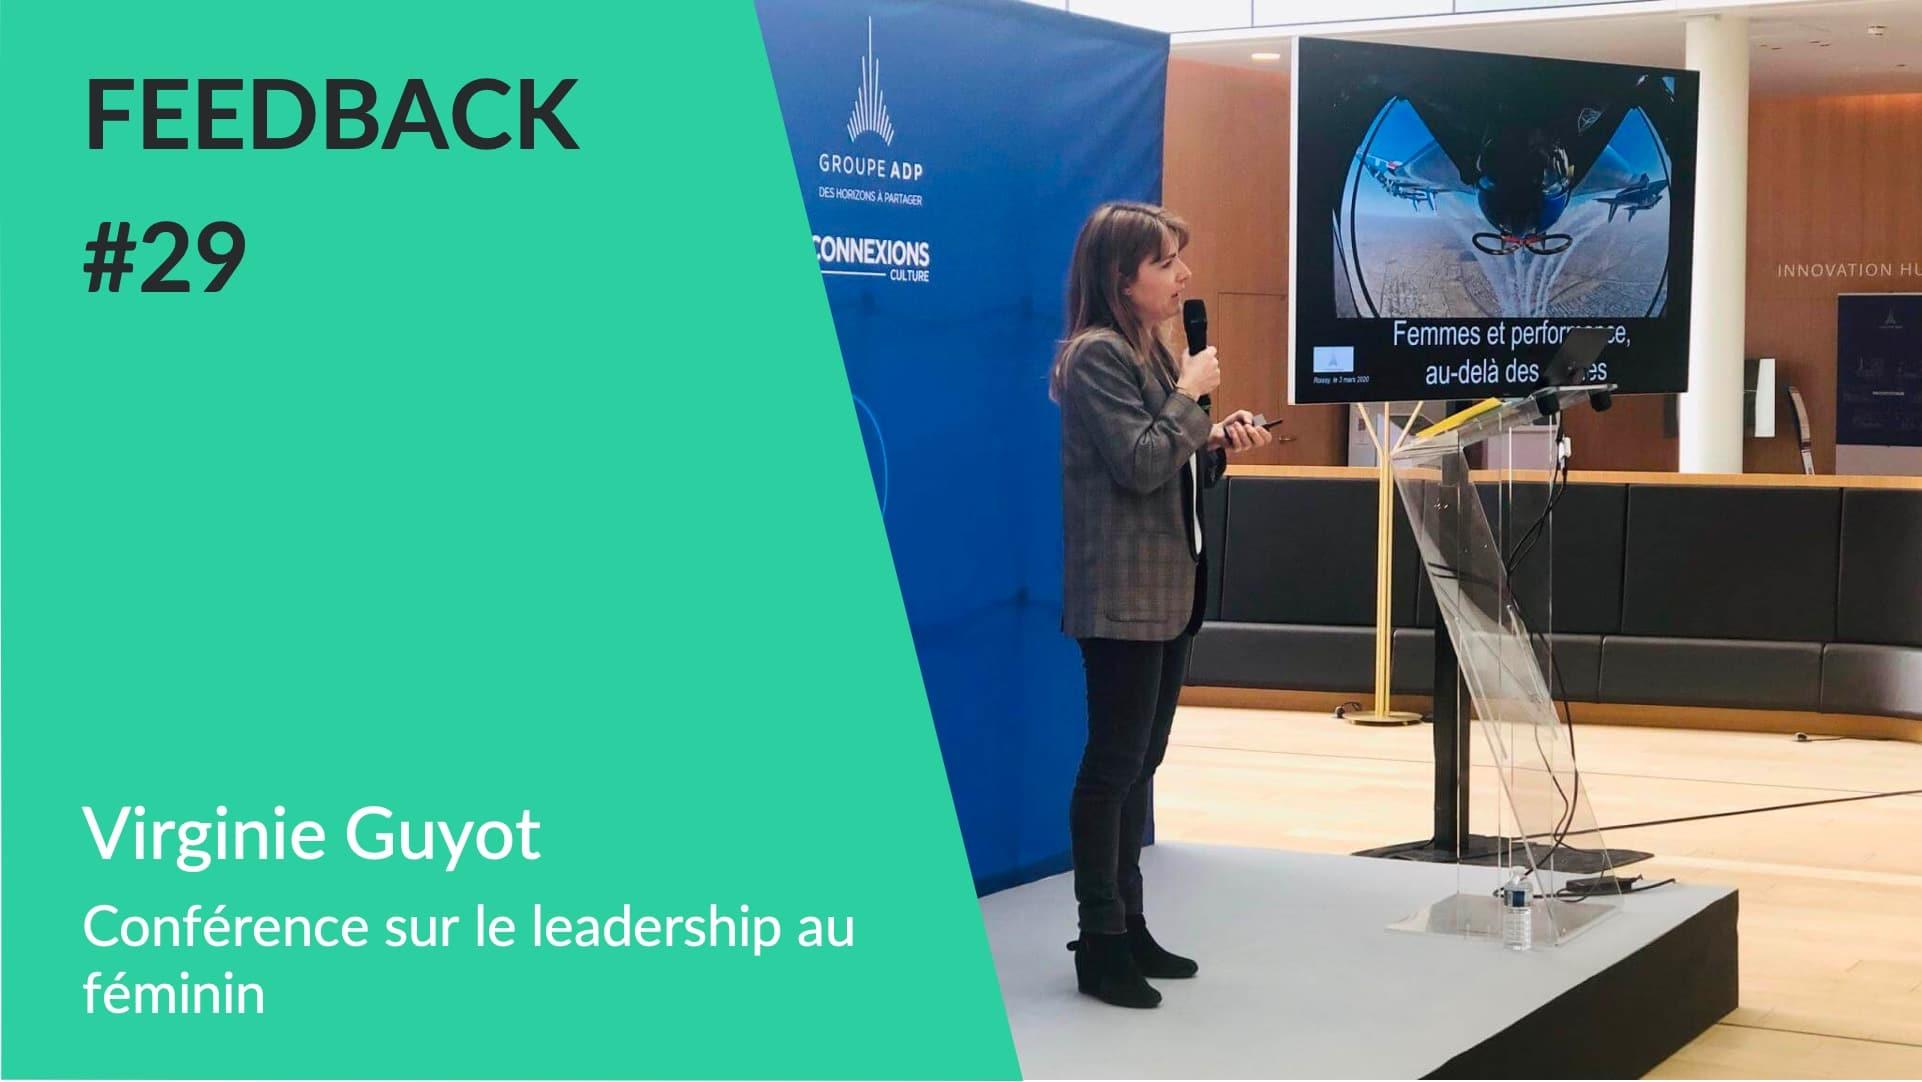 Feedback - Conférence leadership au féminin Virginie Guyot